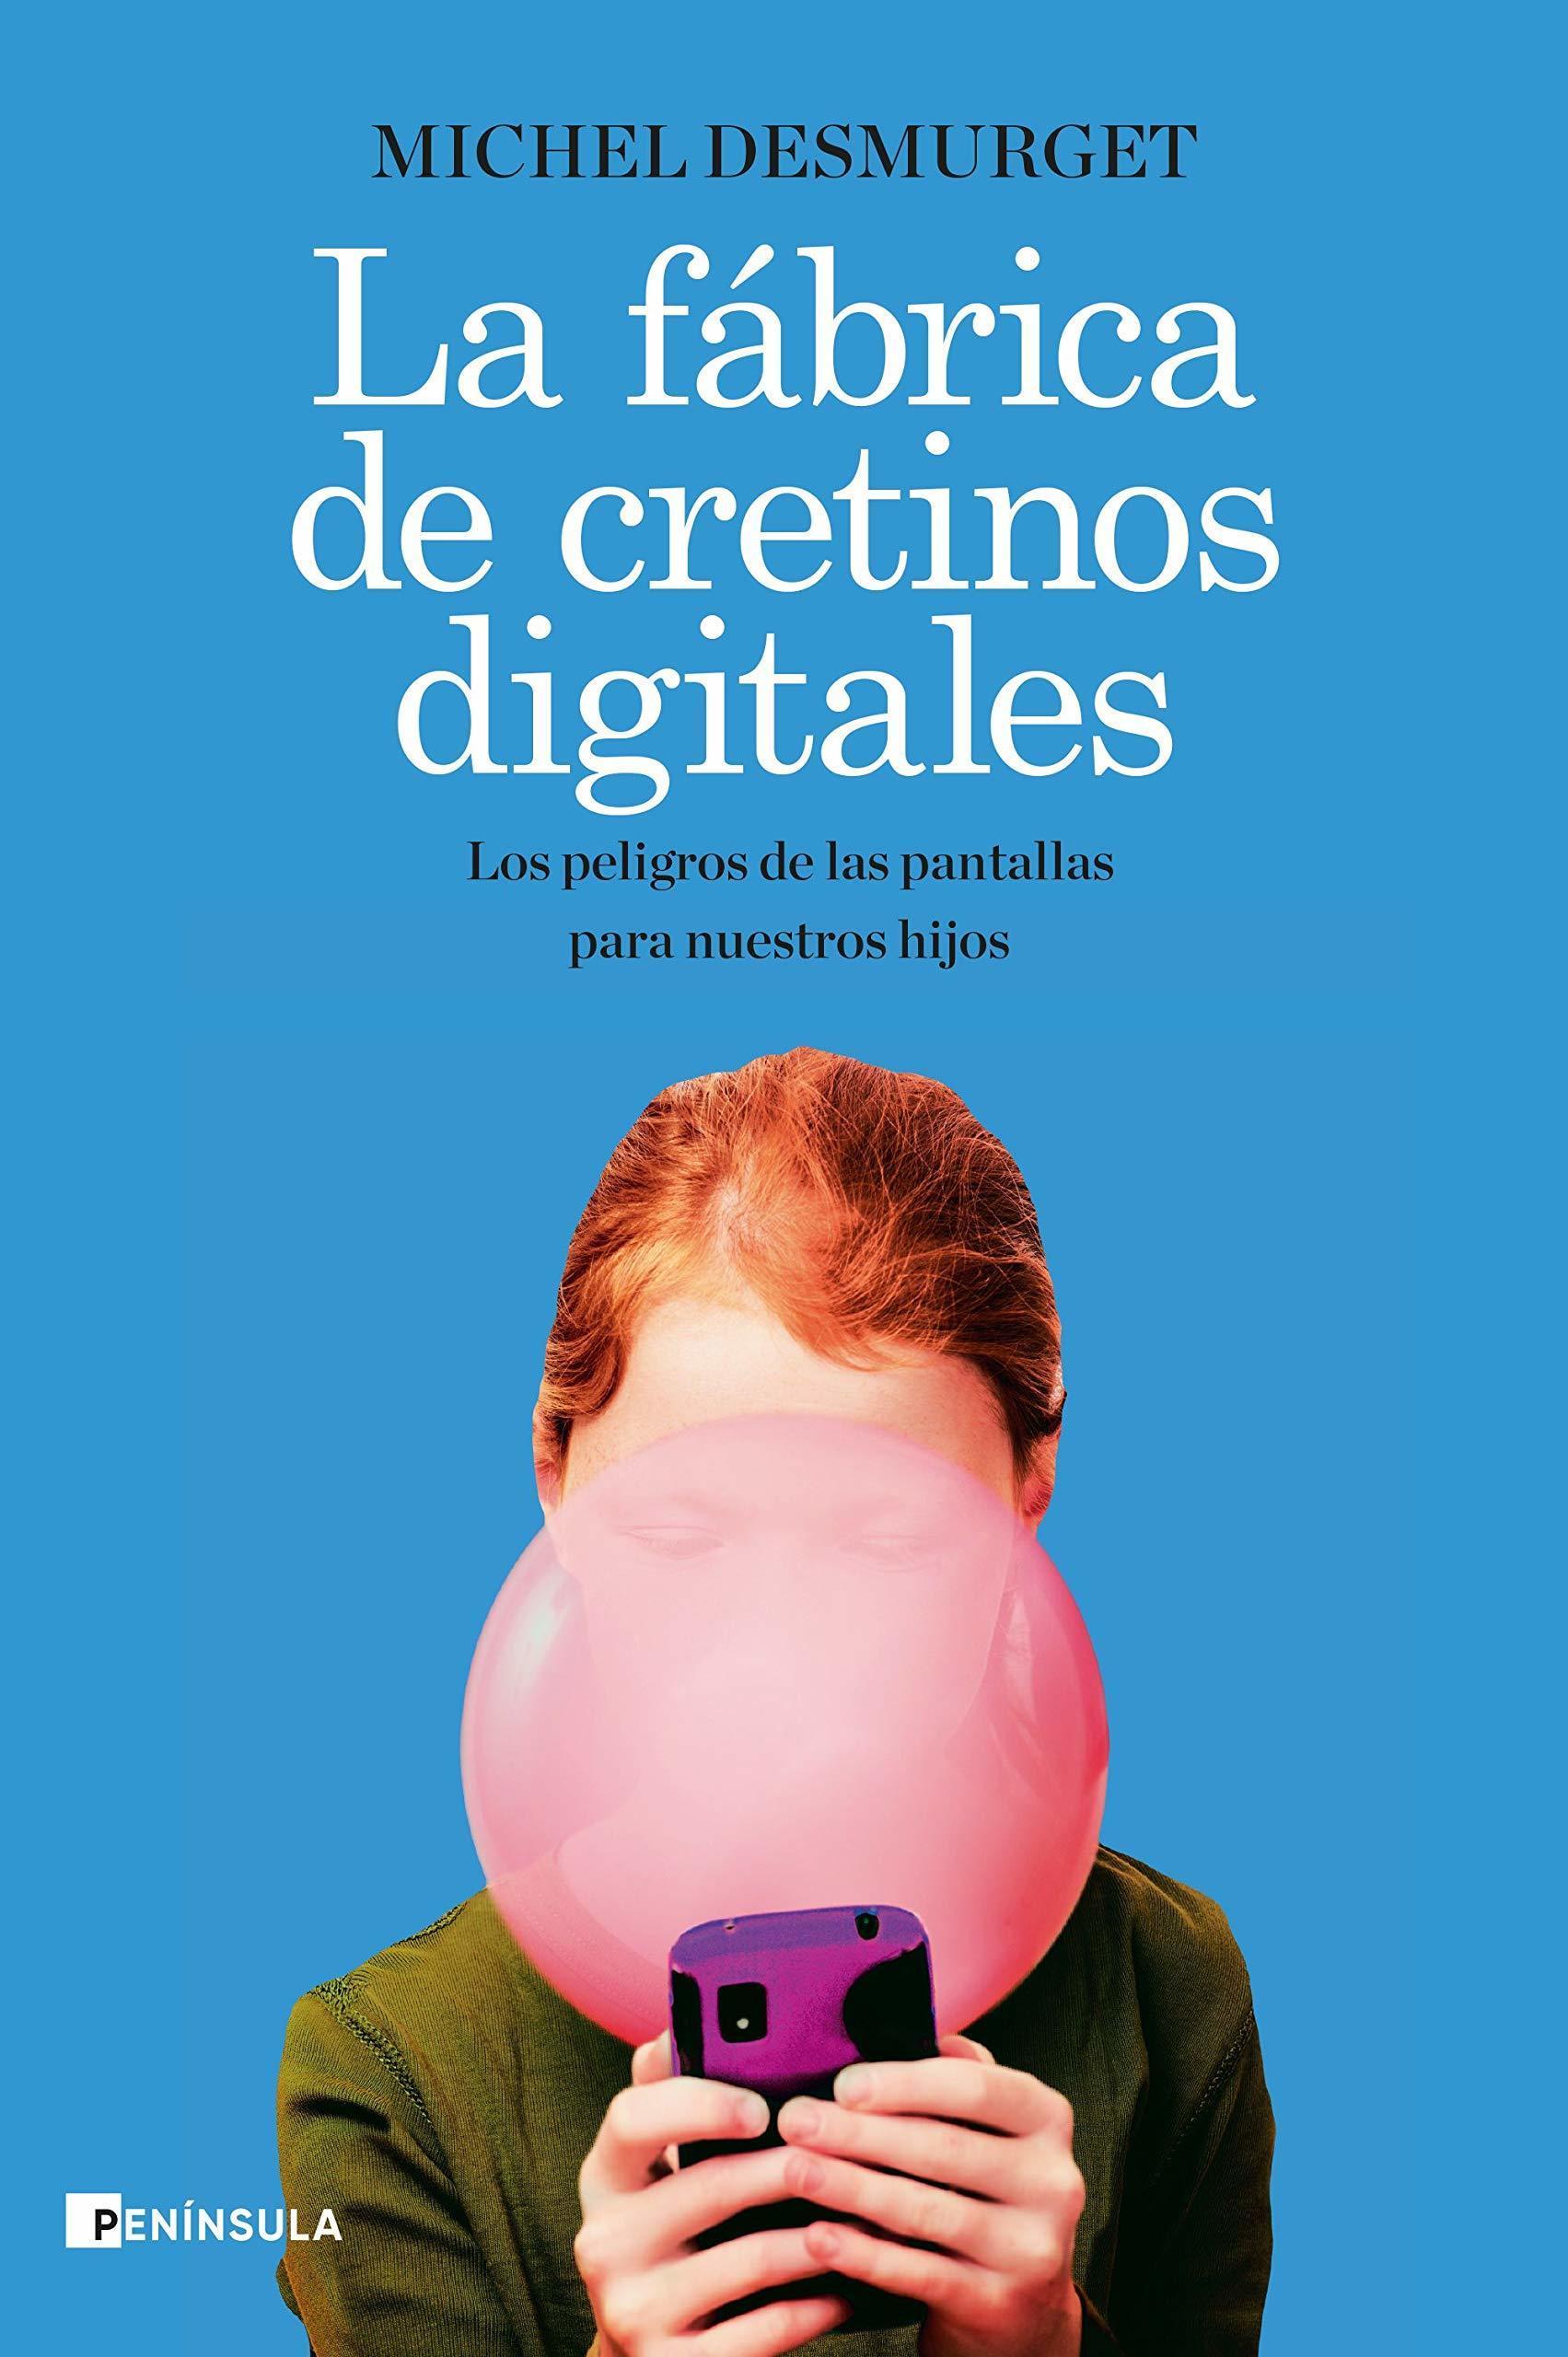 La fábrica de cretinos digitales (Península), de Michel Desmurget